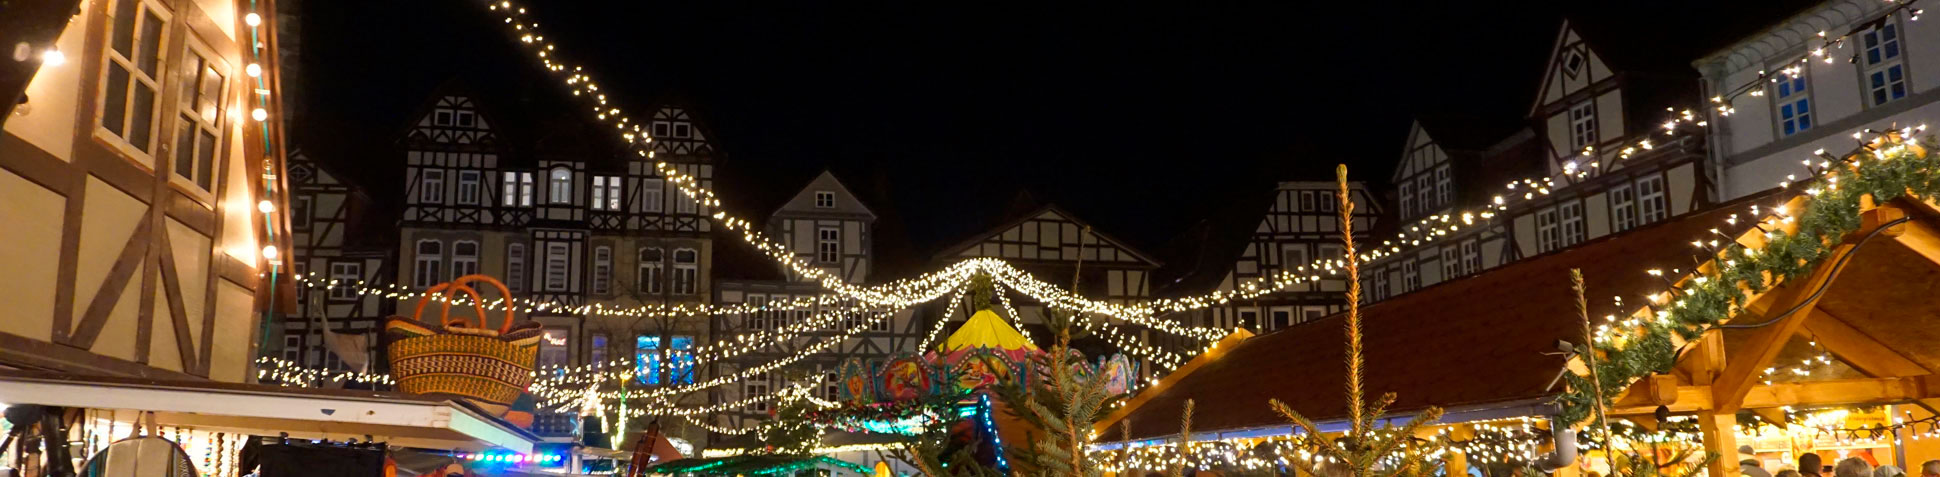 zeigt dunklen Himmel über dem Weihnachtsmarkt